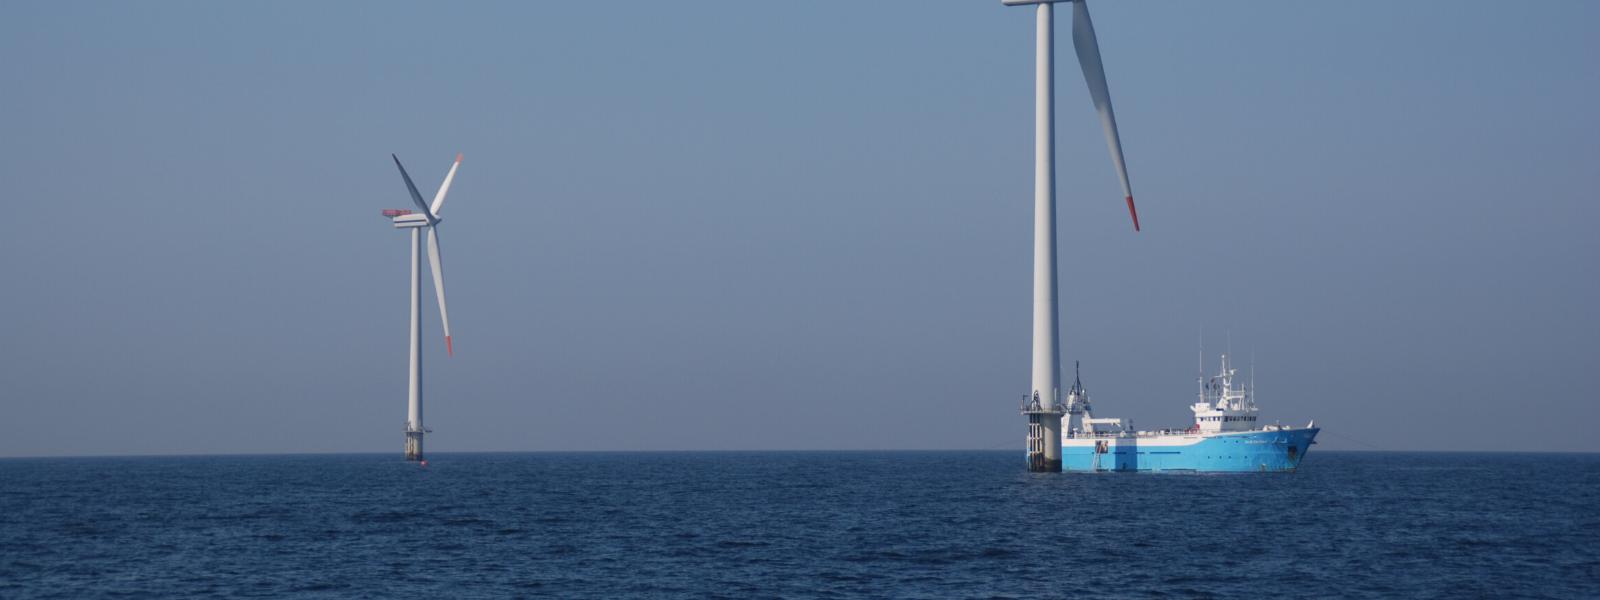 Energies maritimes renouvelables région Normandie